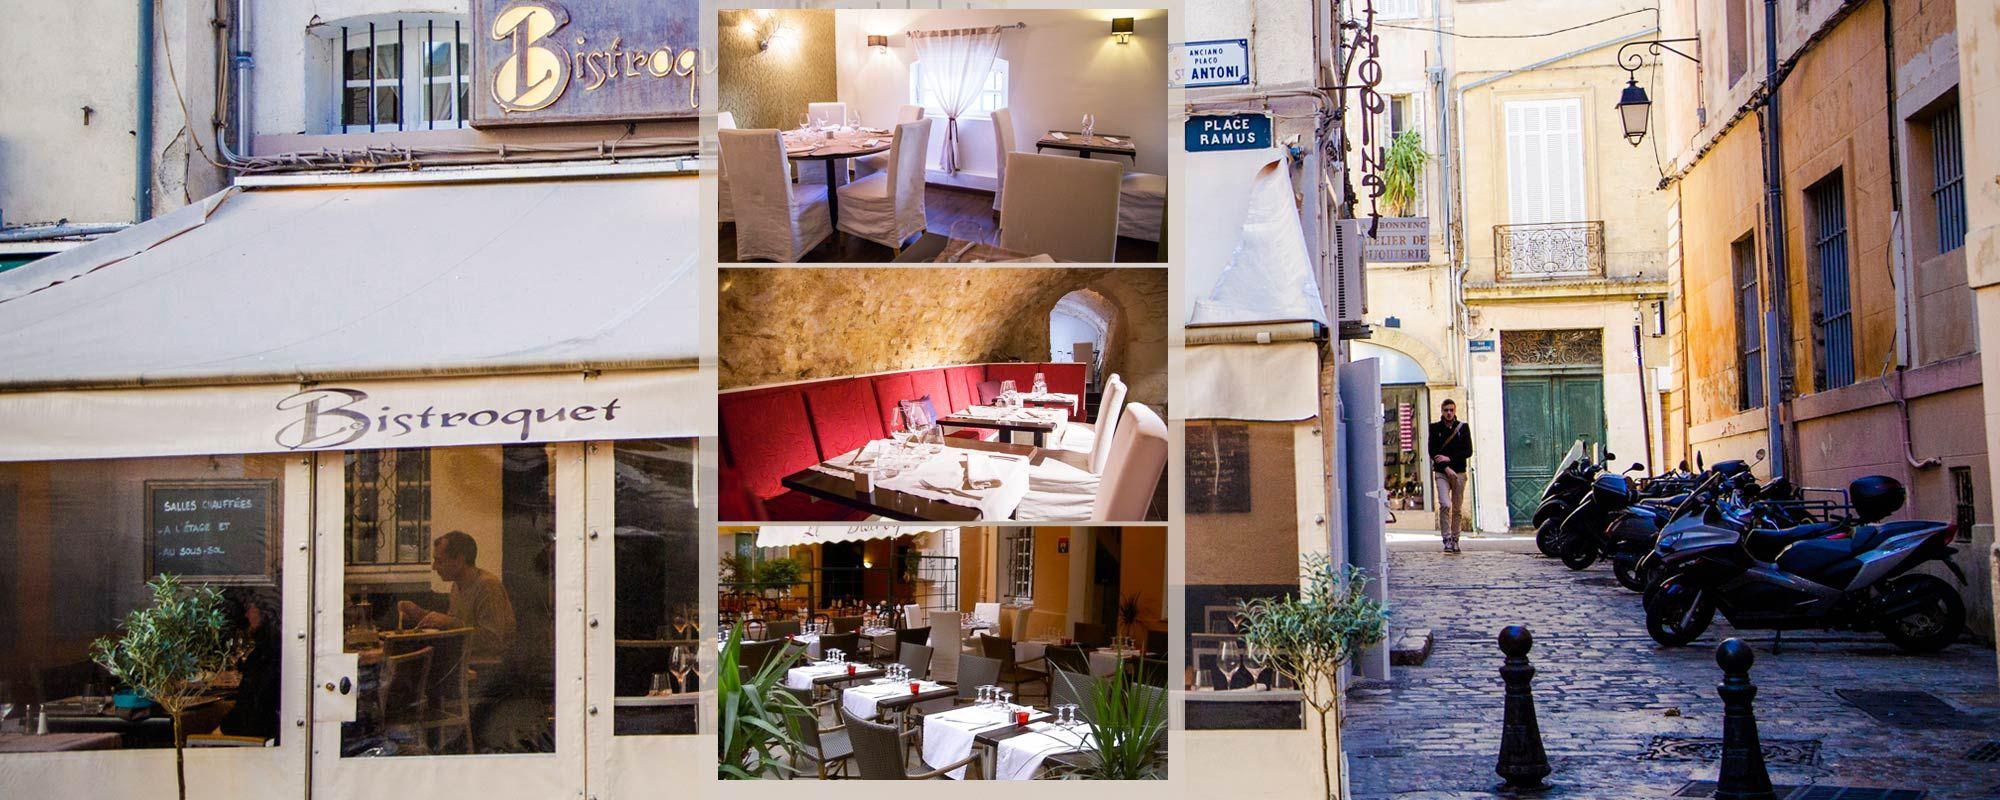 BRASSERIE LEOPOLD - SITE OFFICIEL - Restaurant à Aix-en